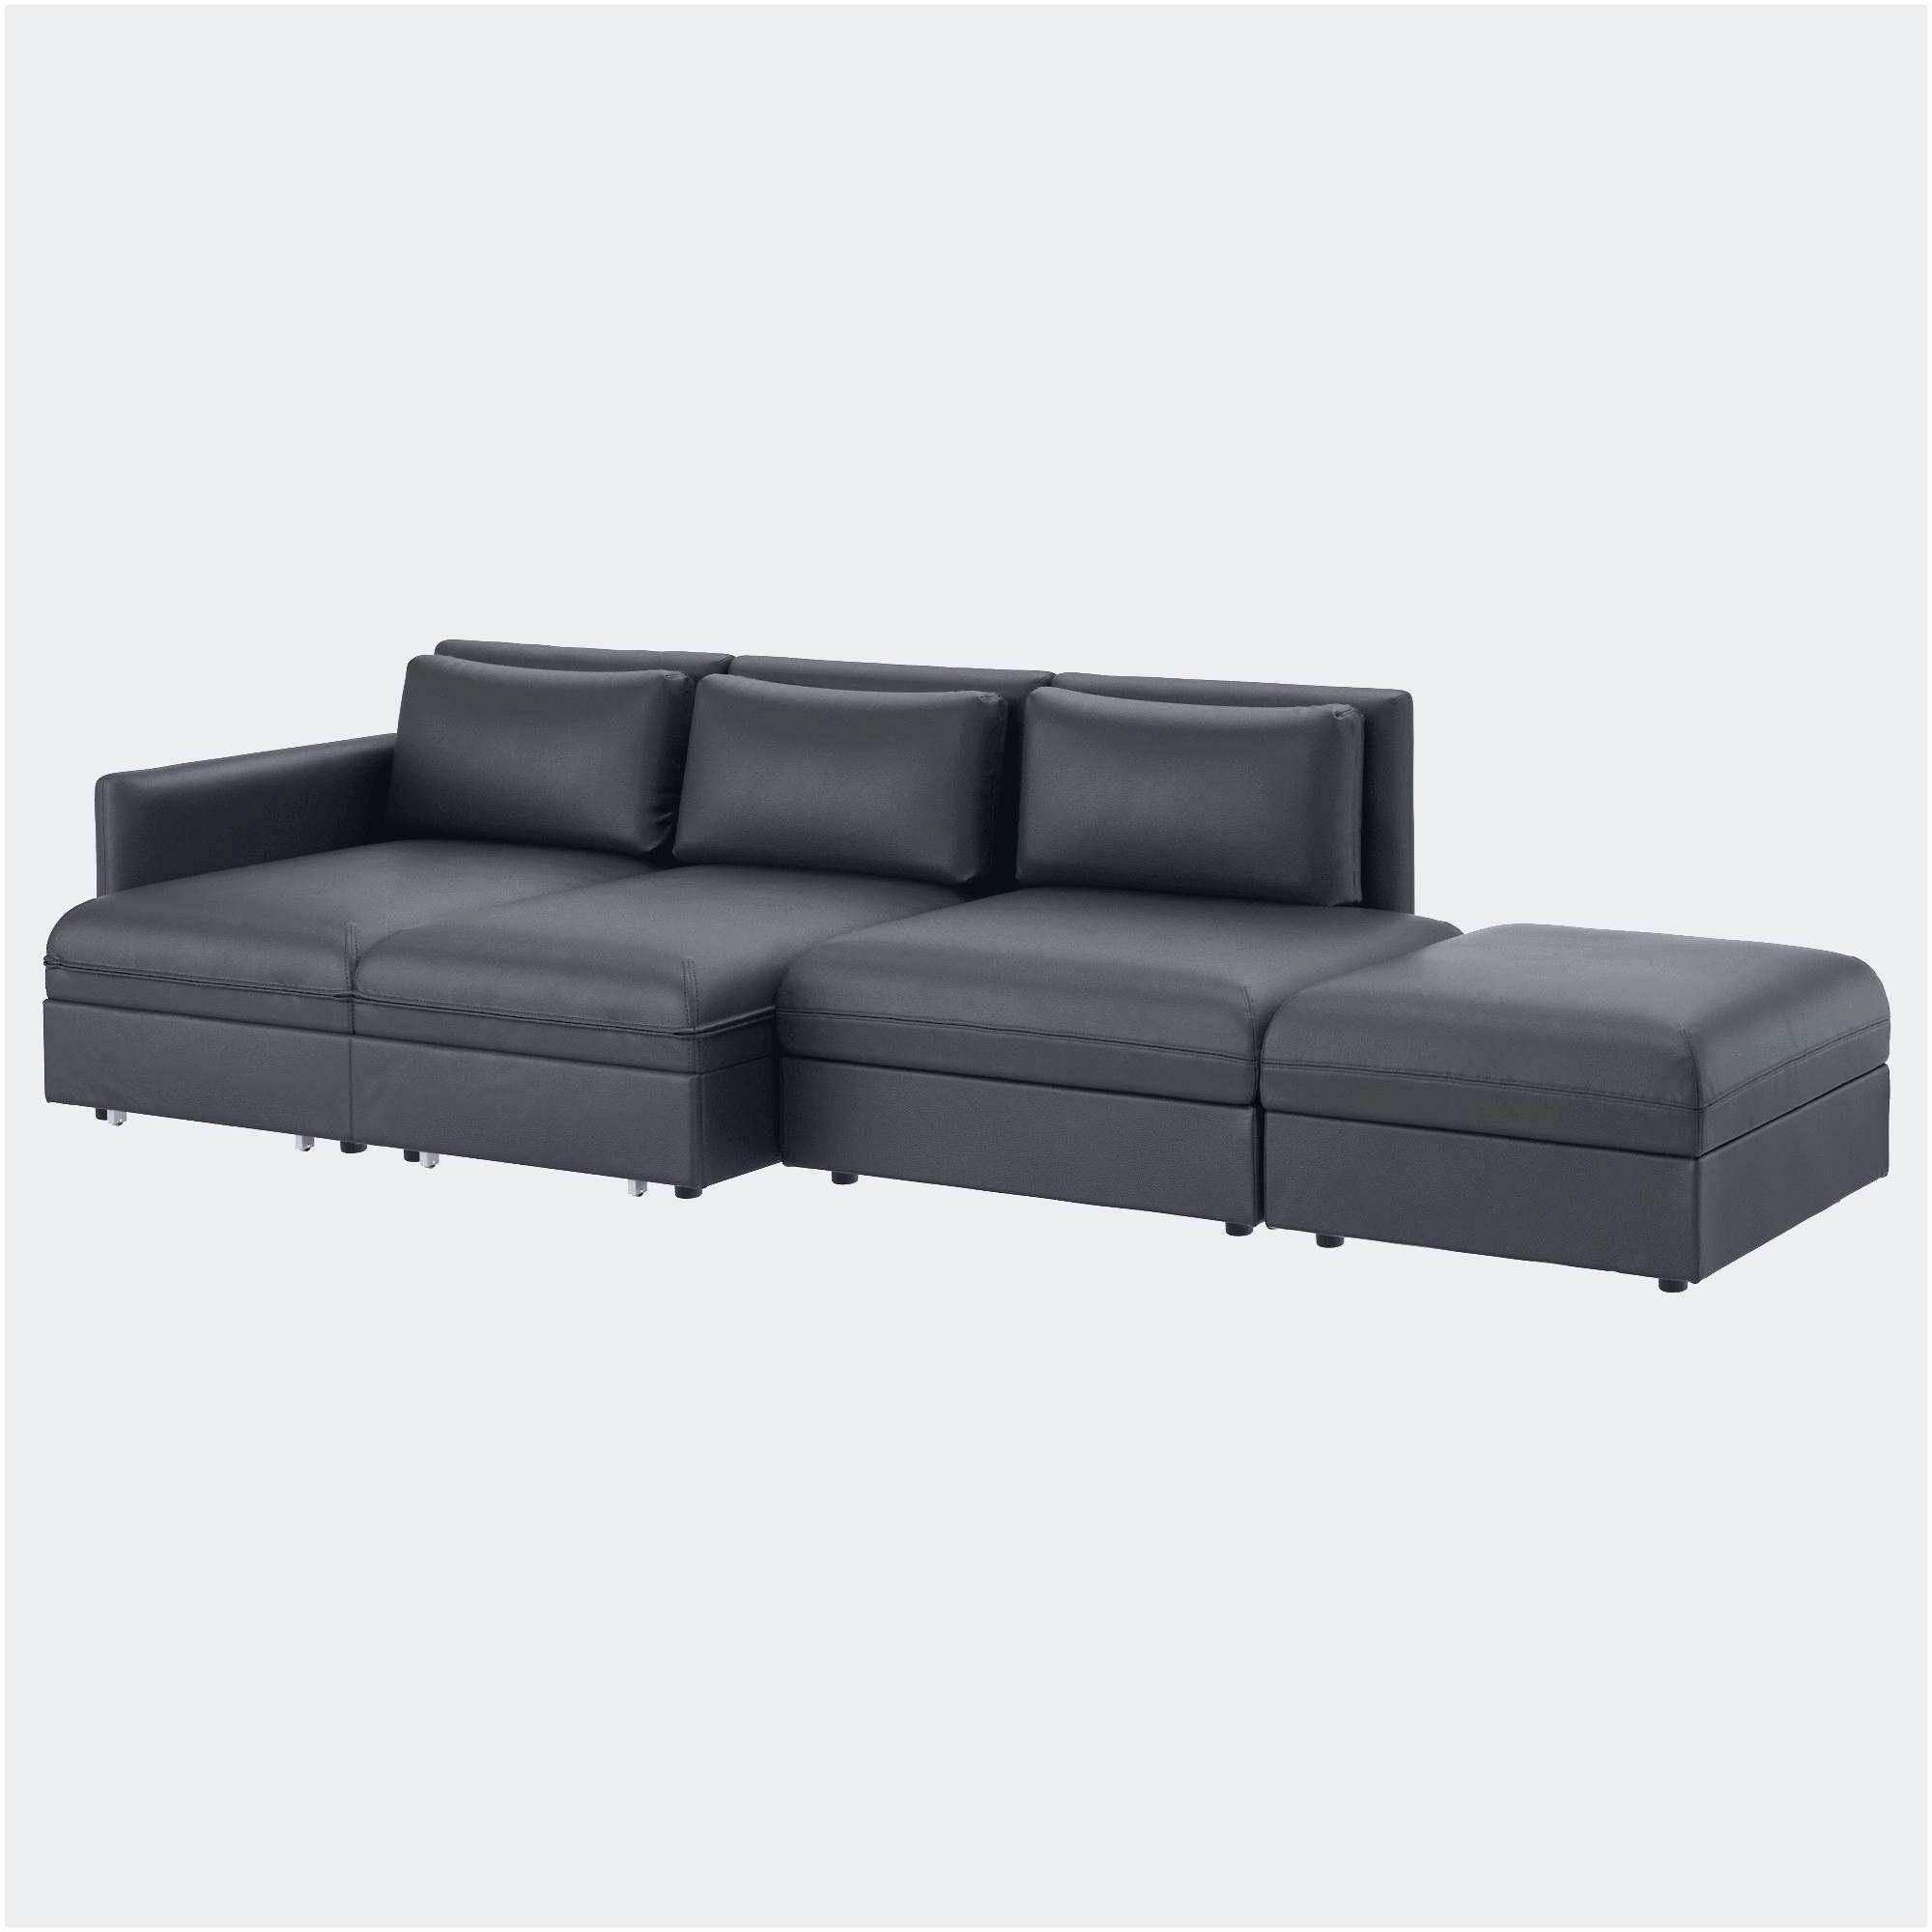 Lit Escamotable Canapé Ikea Génial Elégant Le Inspirant Avec Magnifique Canape é Places En Ce Qui